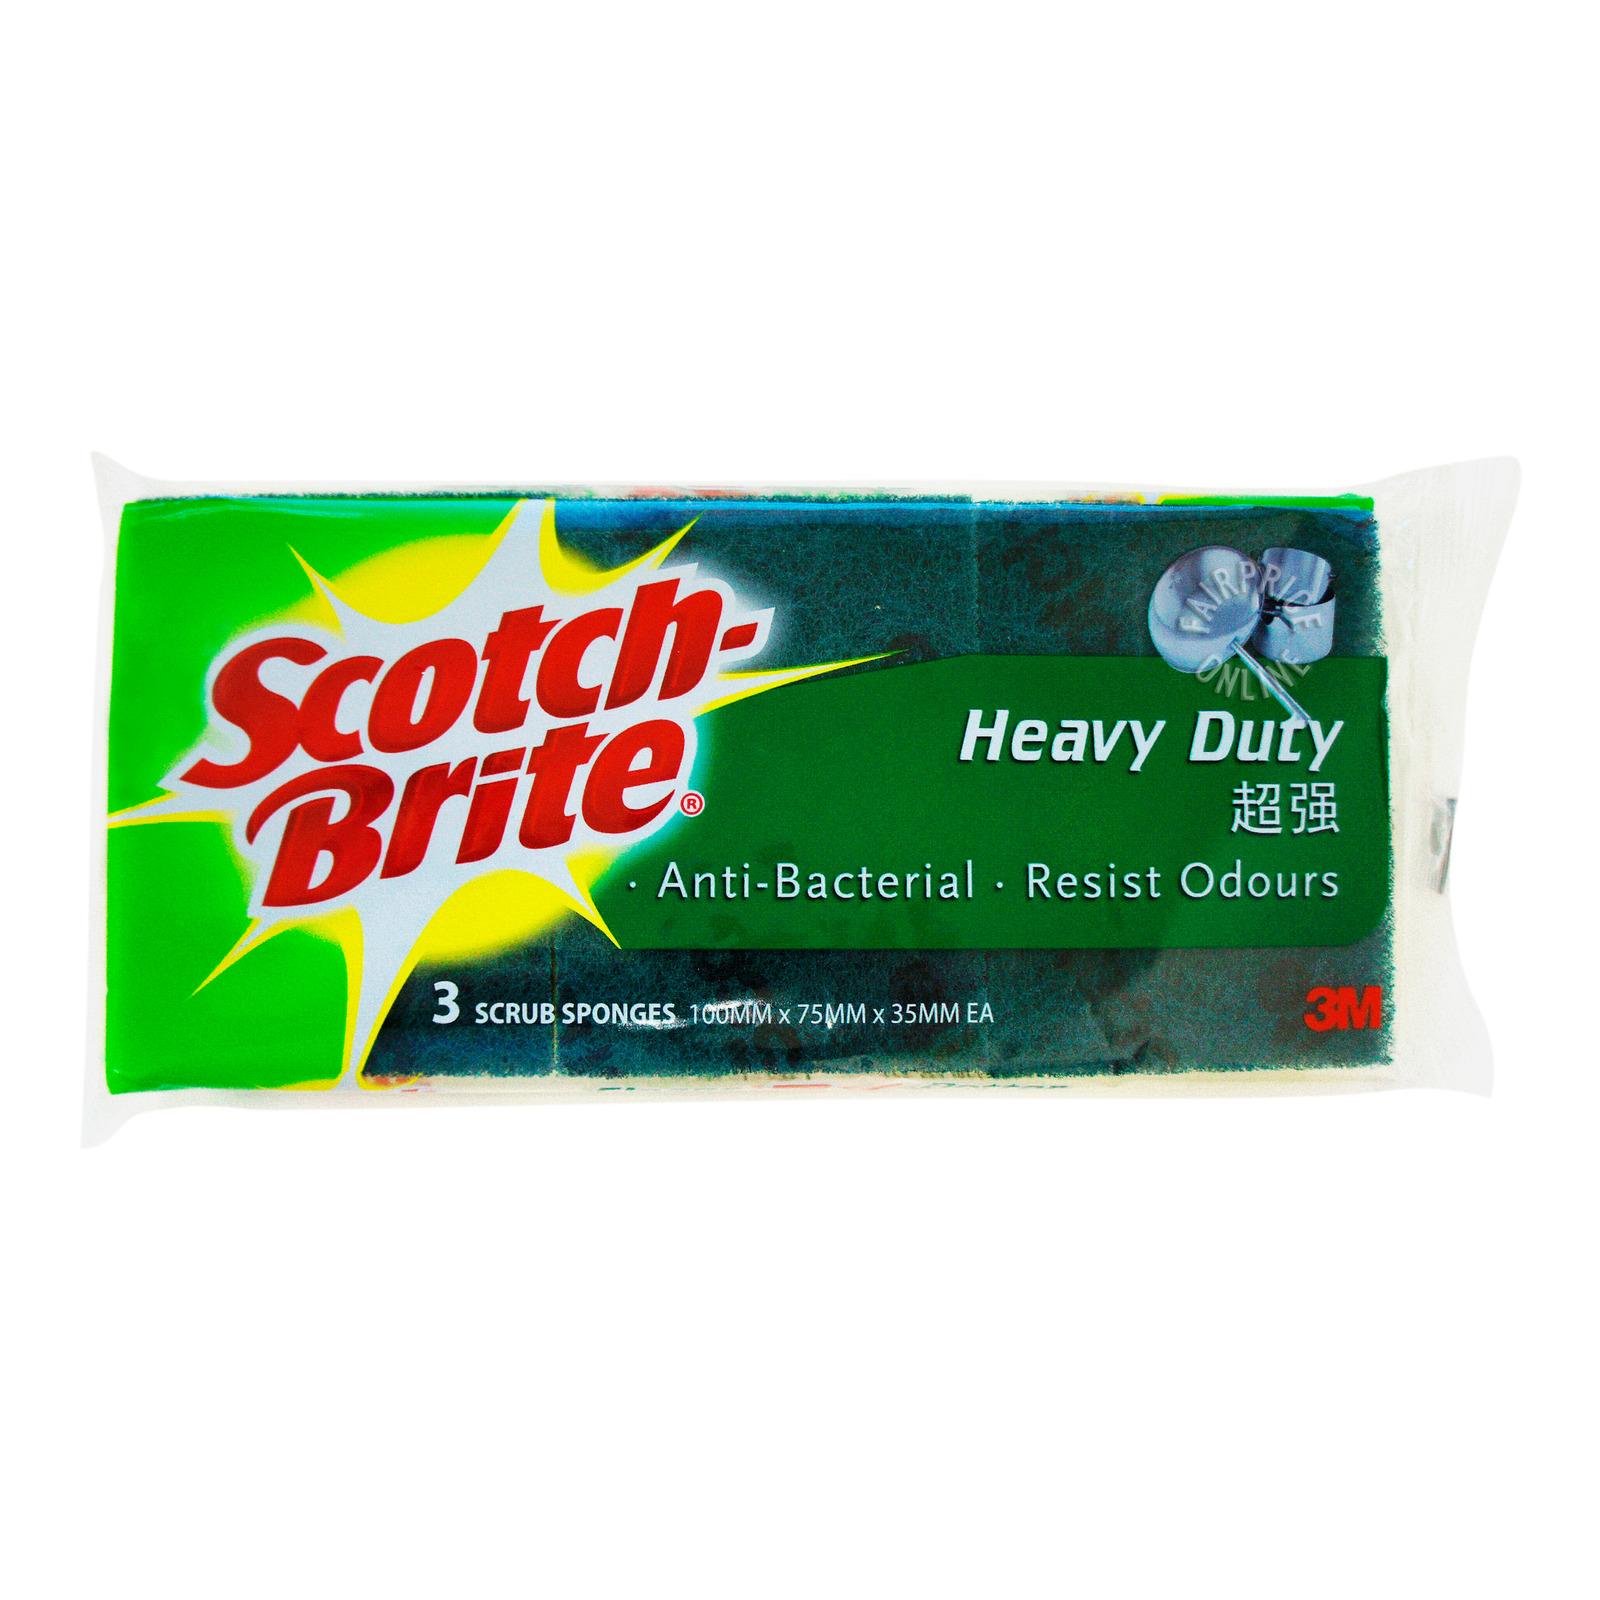 3M Scotch-Brite Scrub Sponges - Heavy Duty (Urethane)